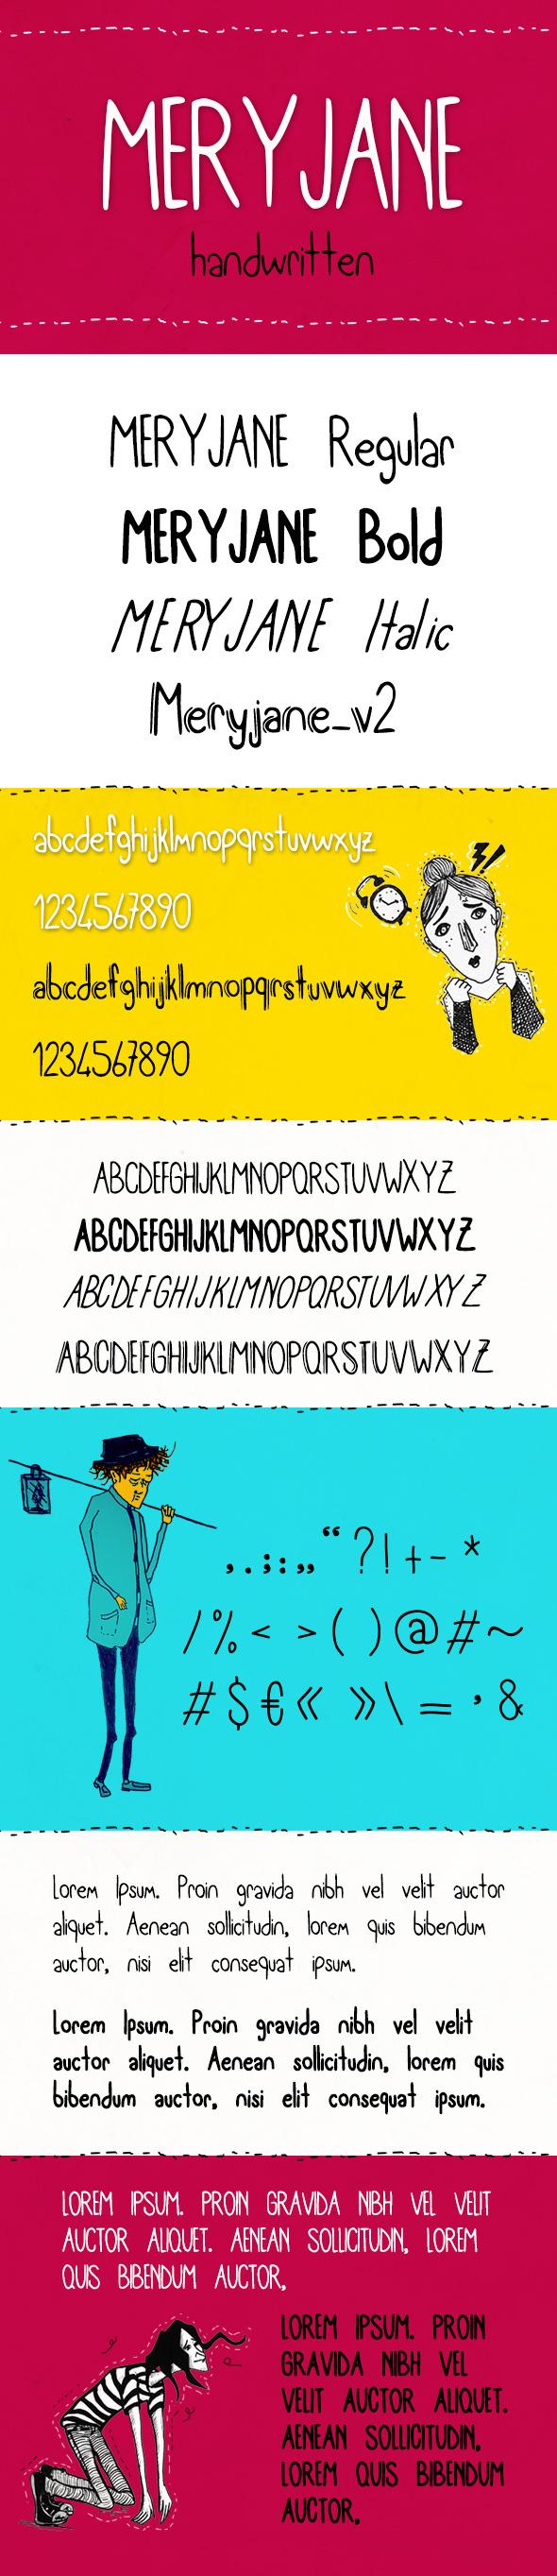 Meryjane Handwritten Typeface - Hand-writing Script